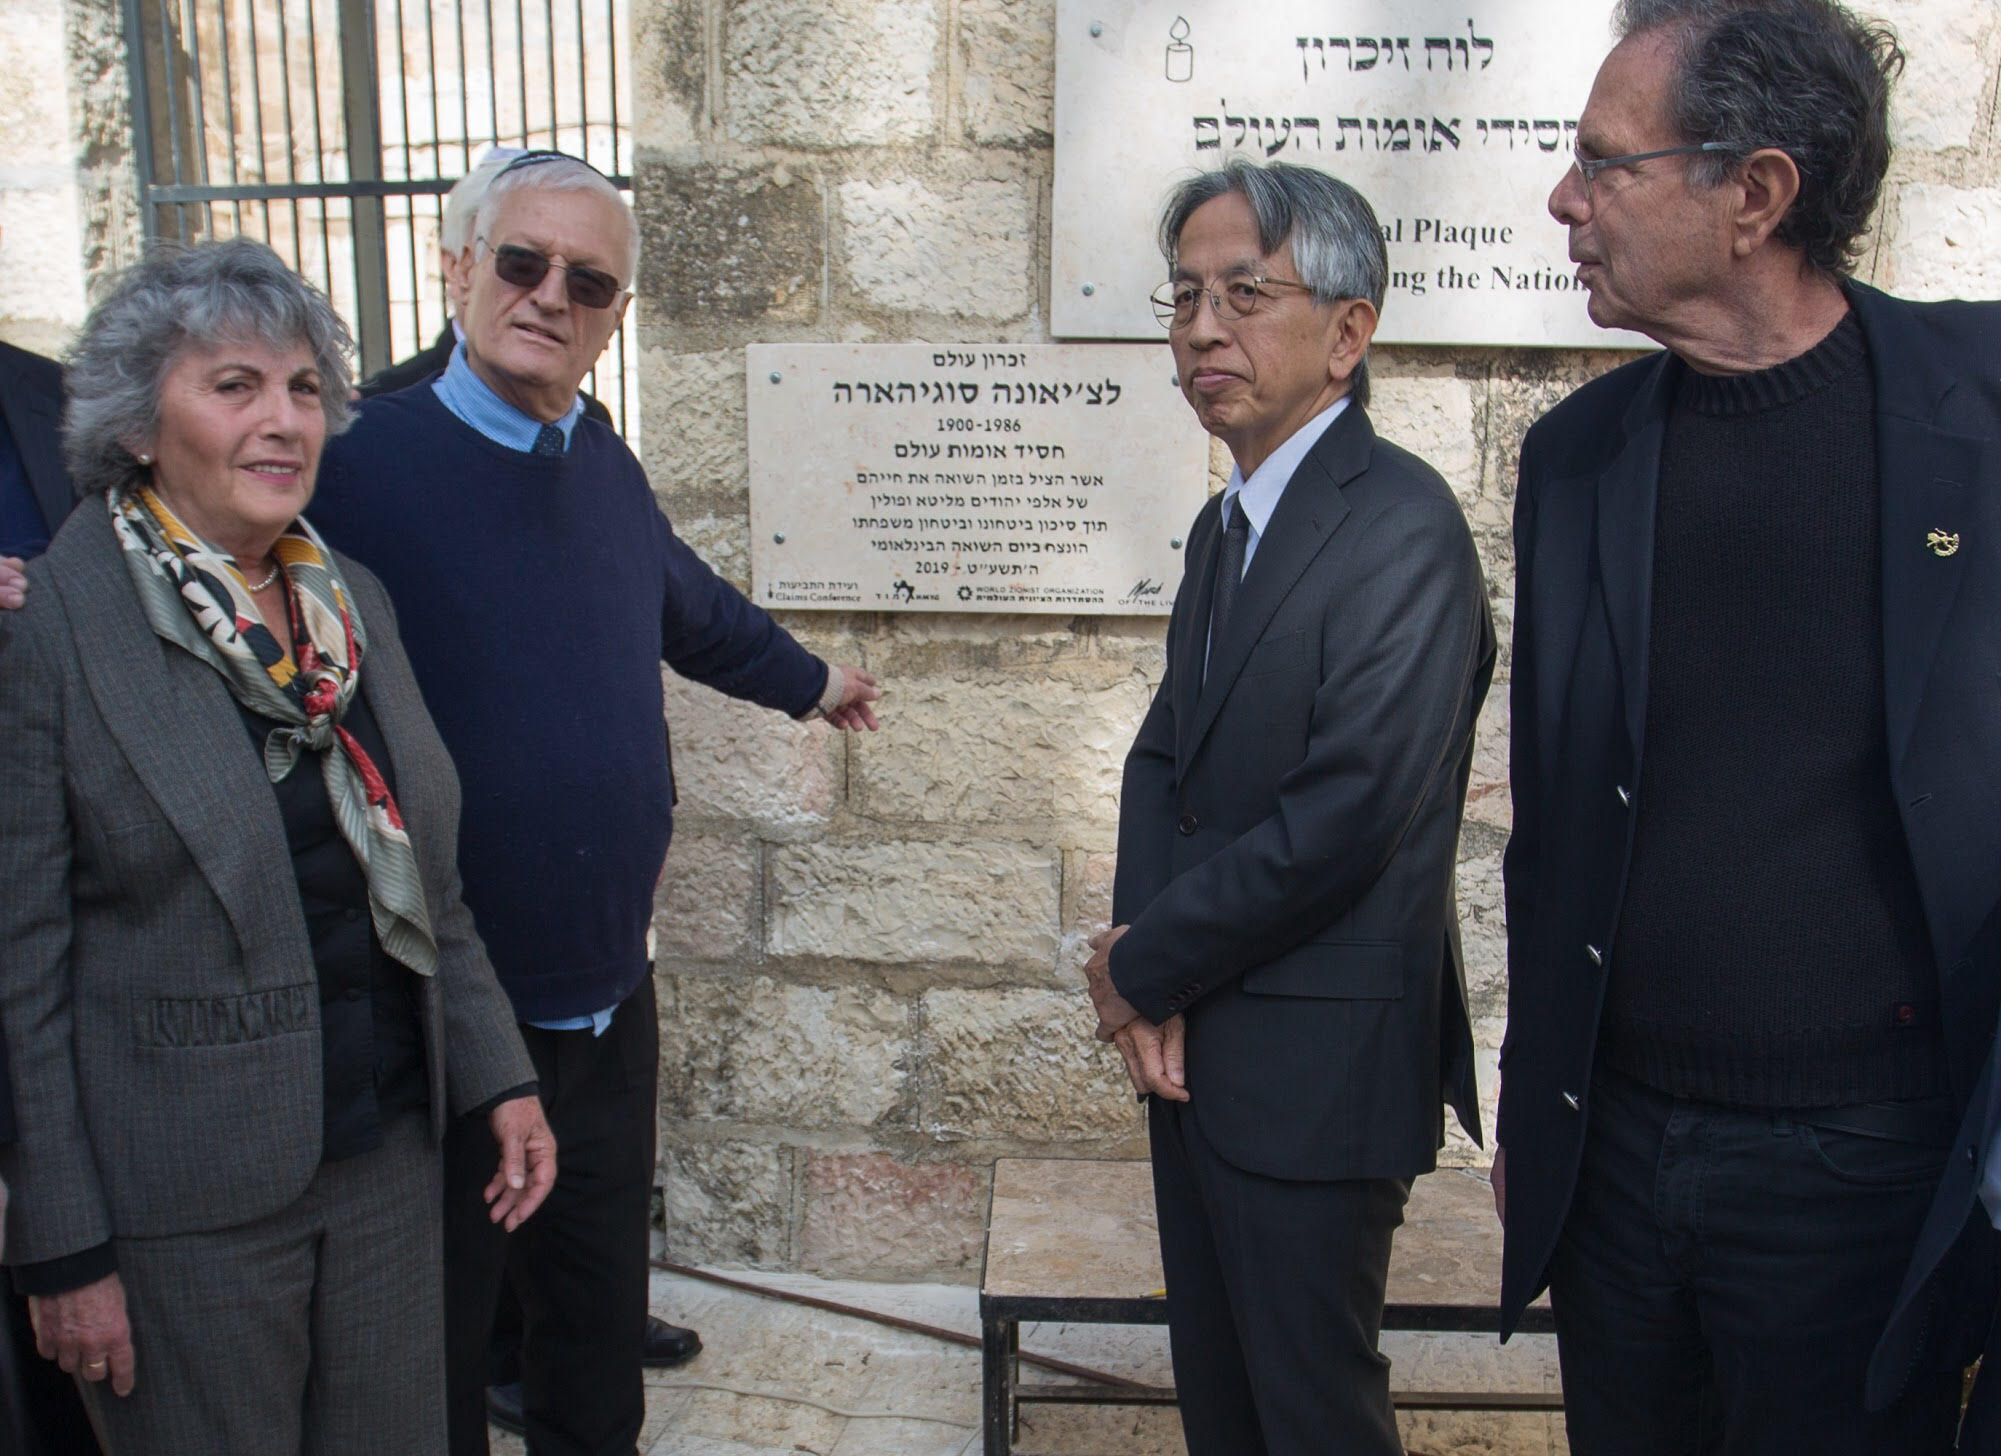 לרגל יום השואה הבינלאומי - שלט הוקרה לחסיד אומות העולם צ'יאונה סמפו סוגיהארה הוצב במרתף השואה